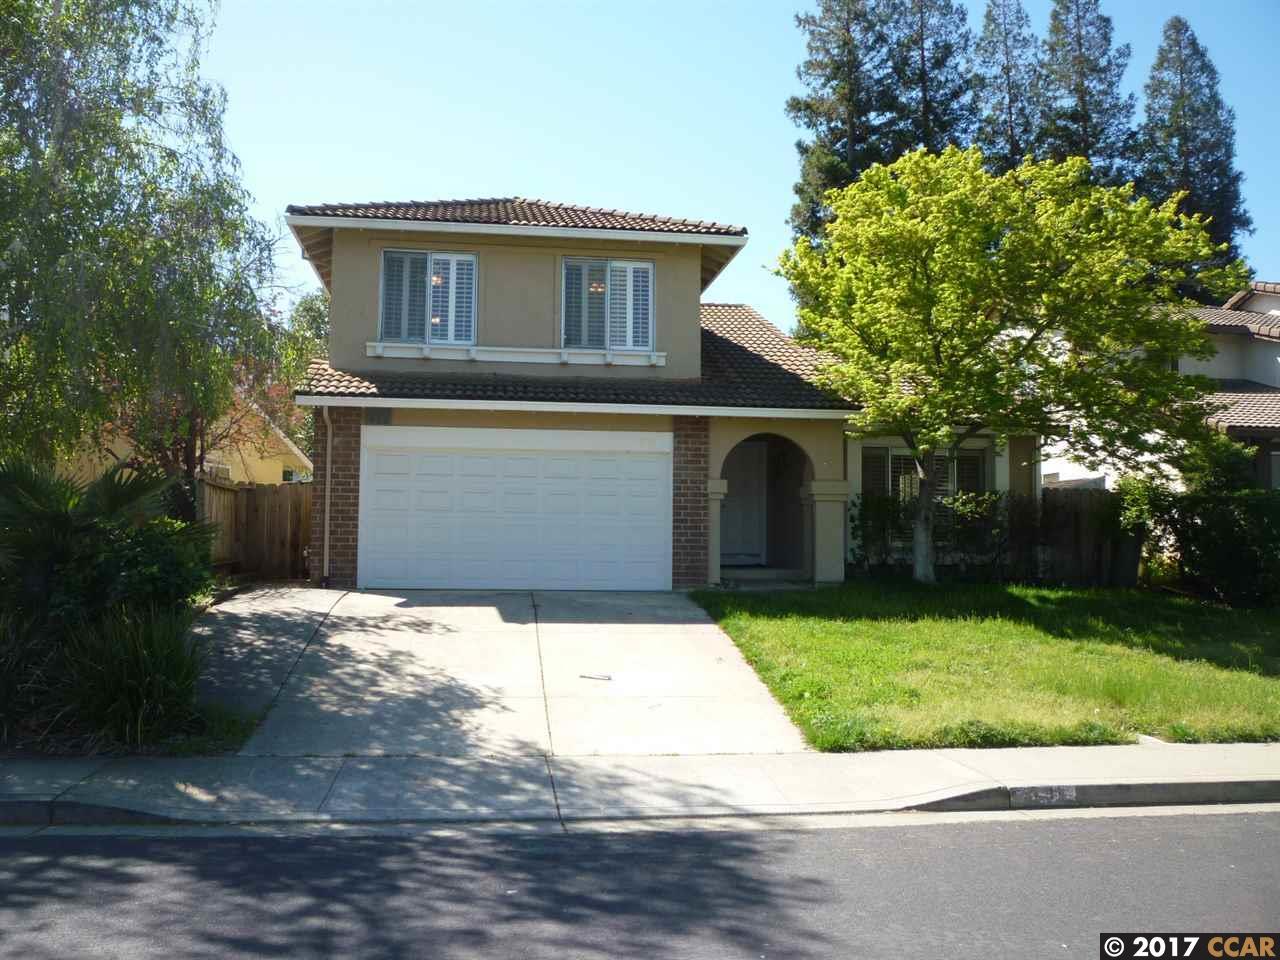 獨棟家庭住宅 為 出租 在 5191 Garaventa Drive 5191 Garaventa Drive Concord, 加利福尼亞州 94521 美國